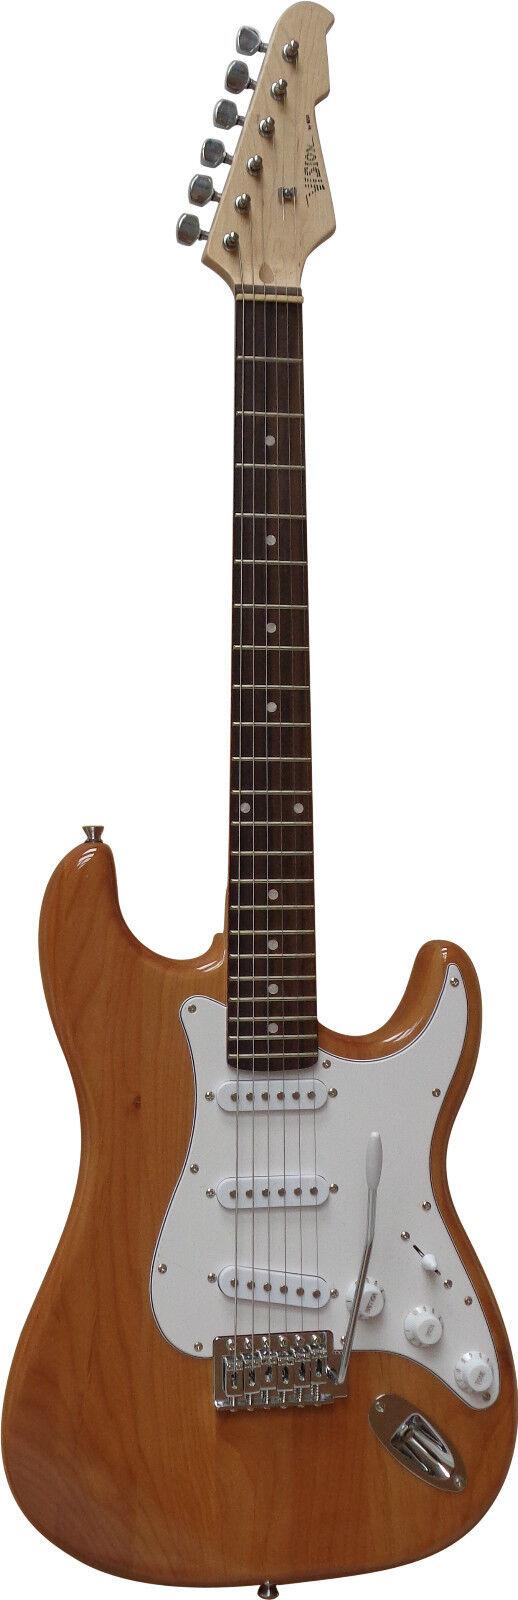 E-guitarra en el de set, elektrogitarre st5, selector de el color, amplificadores gw15, bolso, cuerdas fcf277